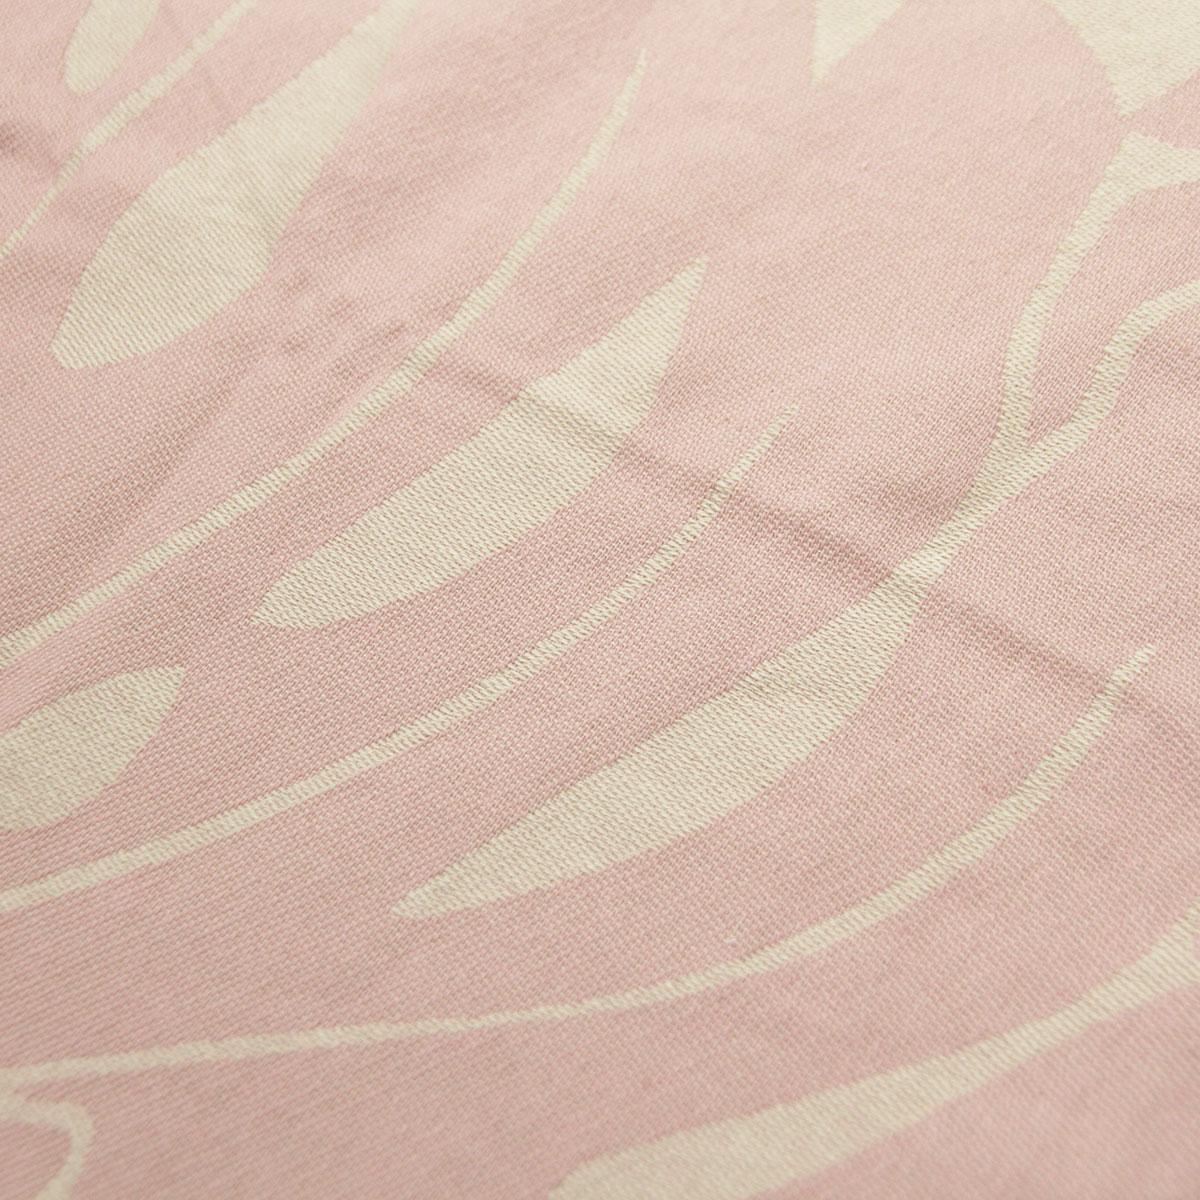 スロウタイド タオル 正規販売店 SLOWTIDE タオル ビーチタオル TAROVINE ROSE FRINGE TURKISH TOWEL ST341 ROSE A97B B3C CBD D0E E11F